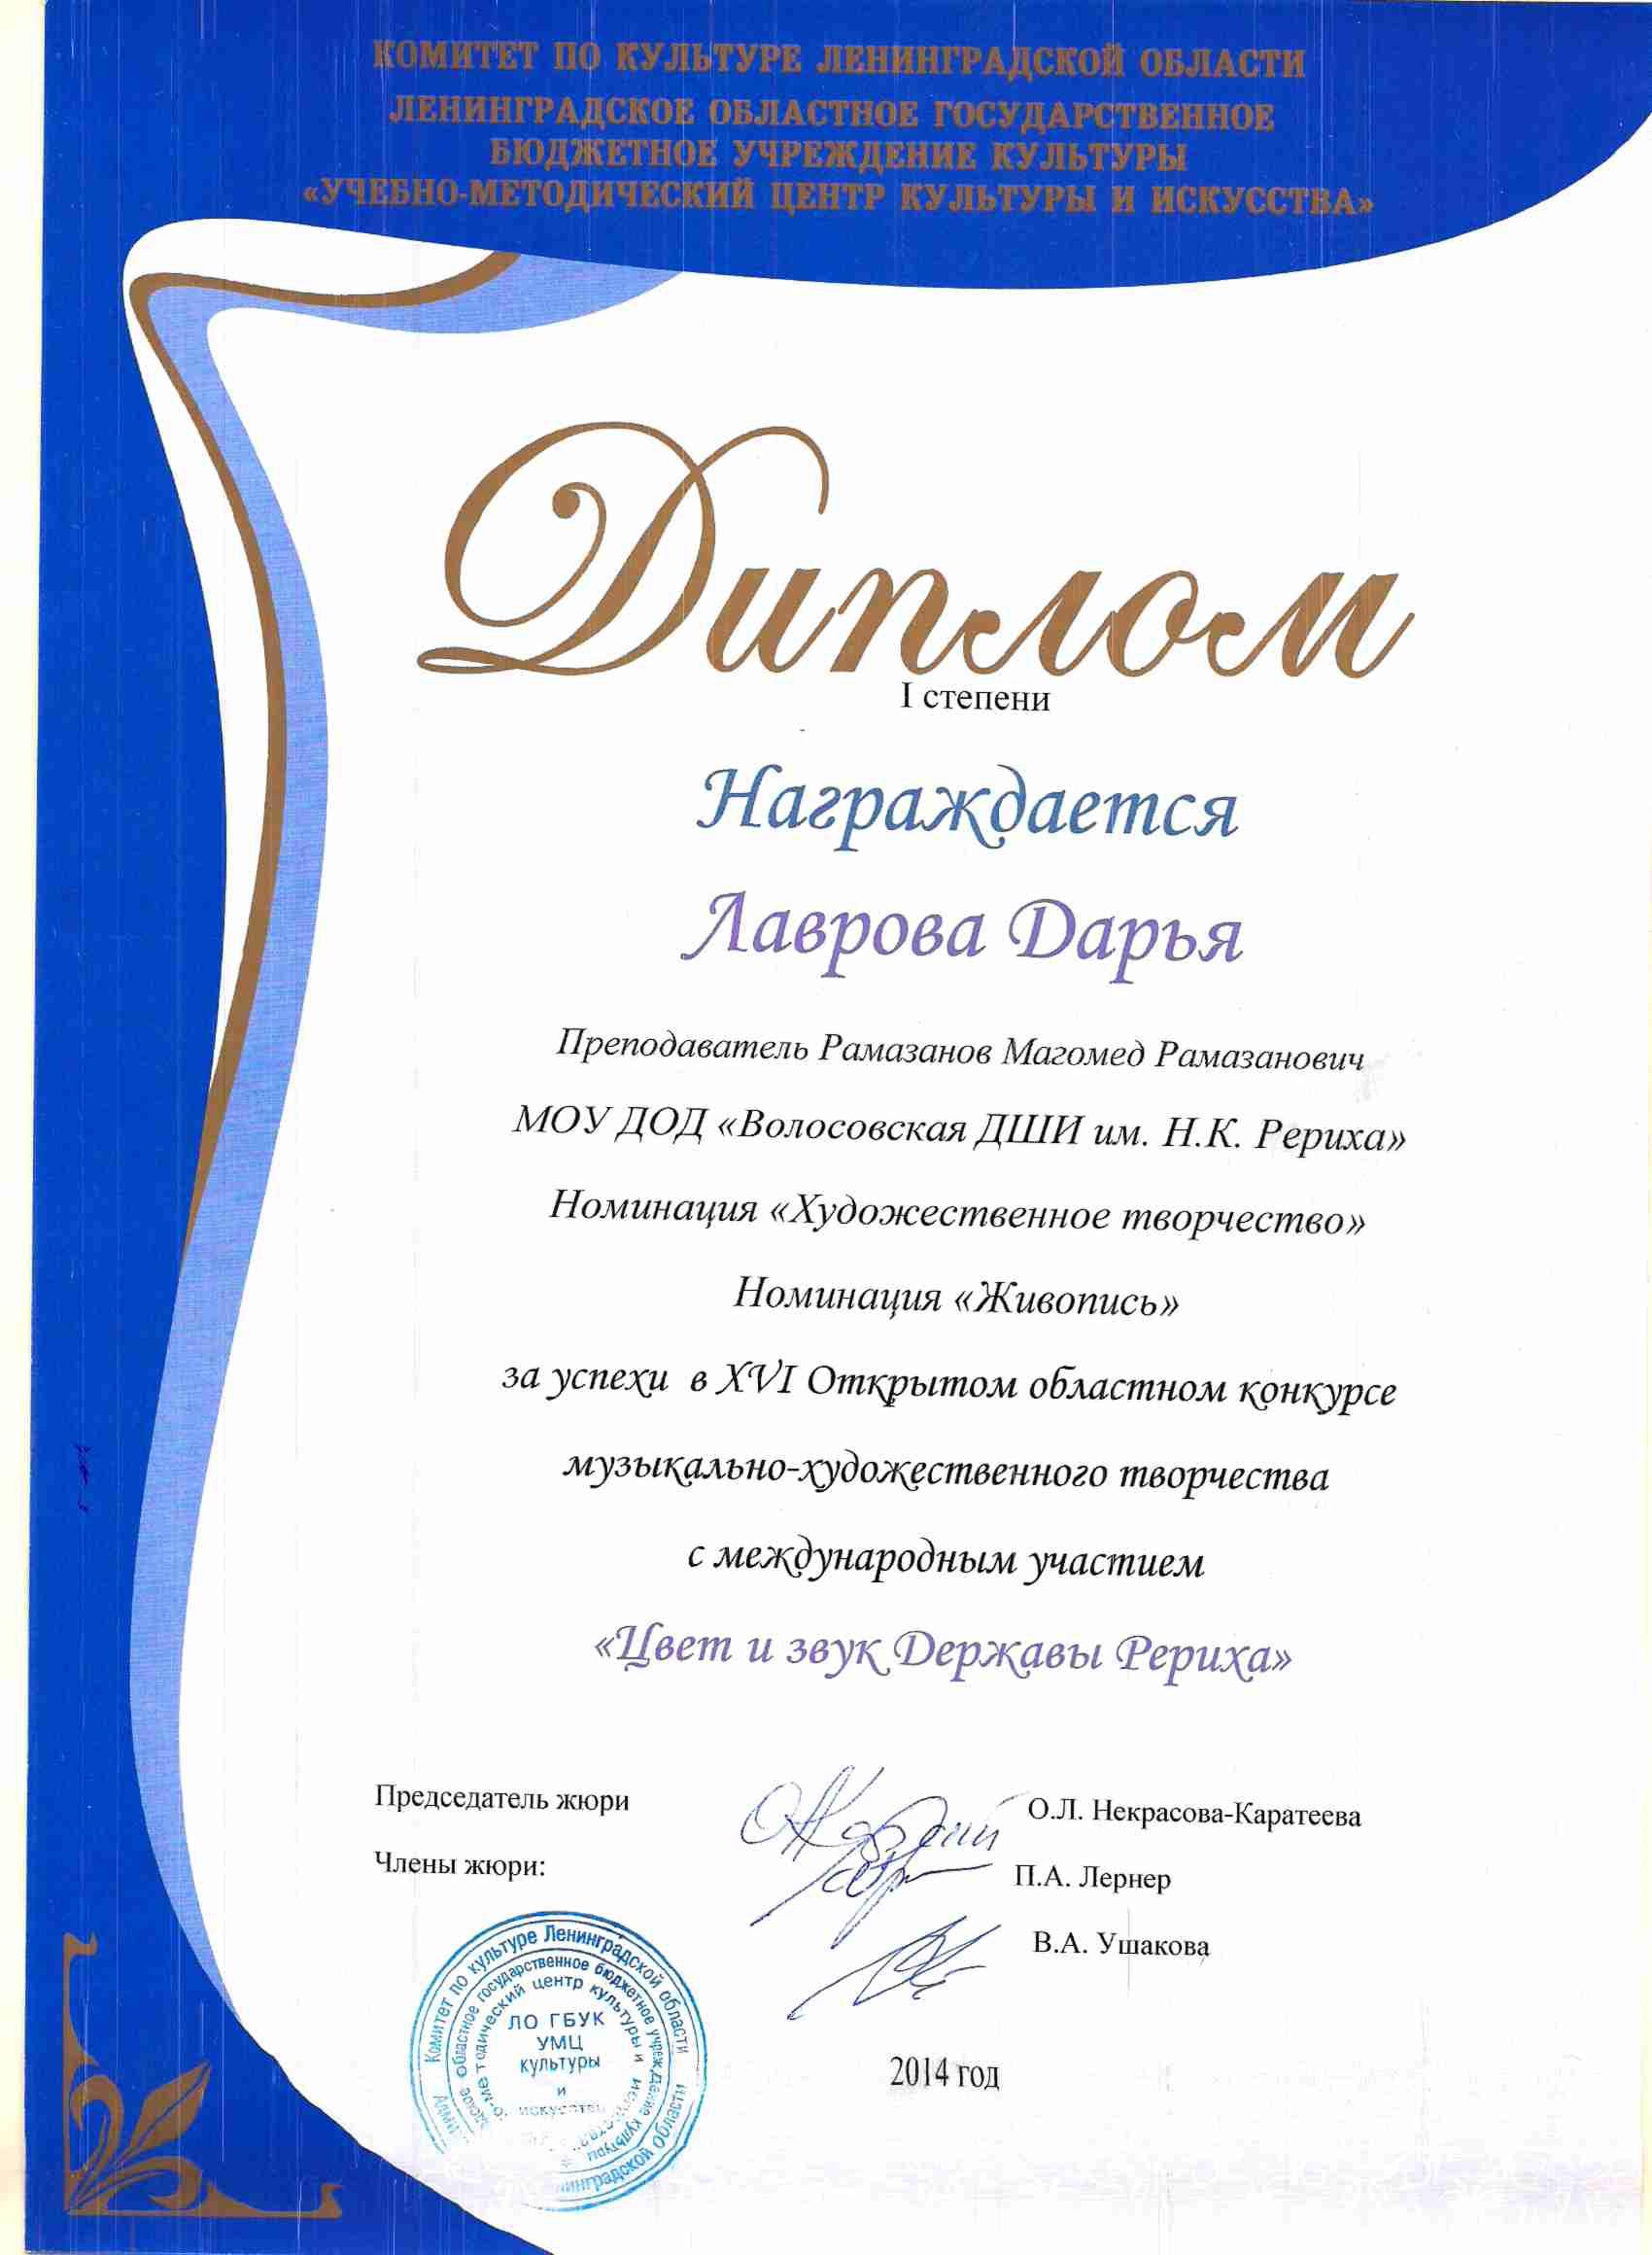 vnosh raduga ucoz ru Наши достижения Диплом 1 степени Лавровой Дарьи за успехи в 16 Открытом областном конкурсе музыкально художественного творчества с международным участием